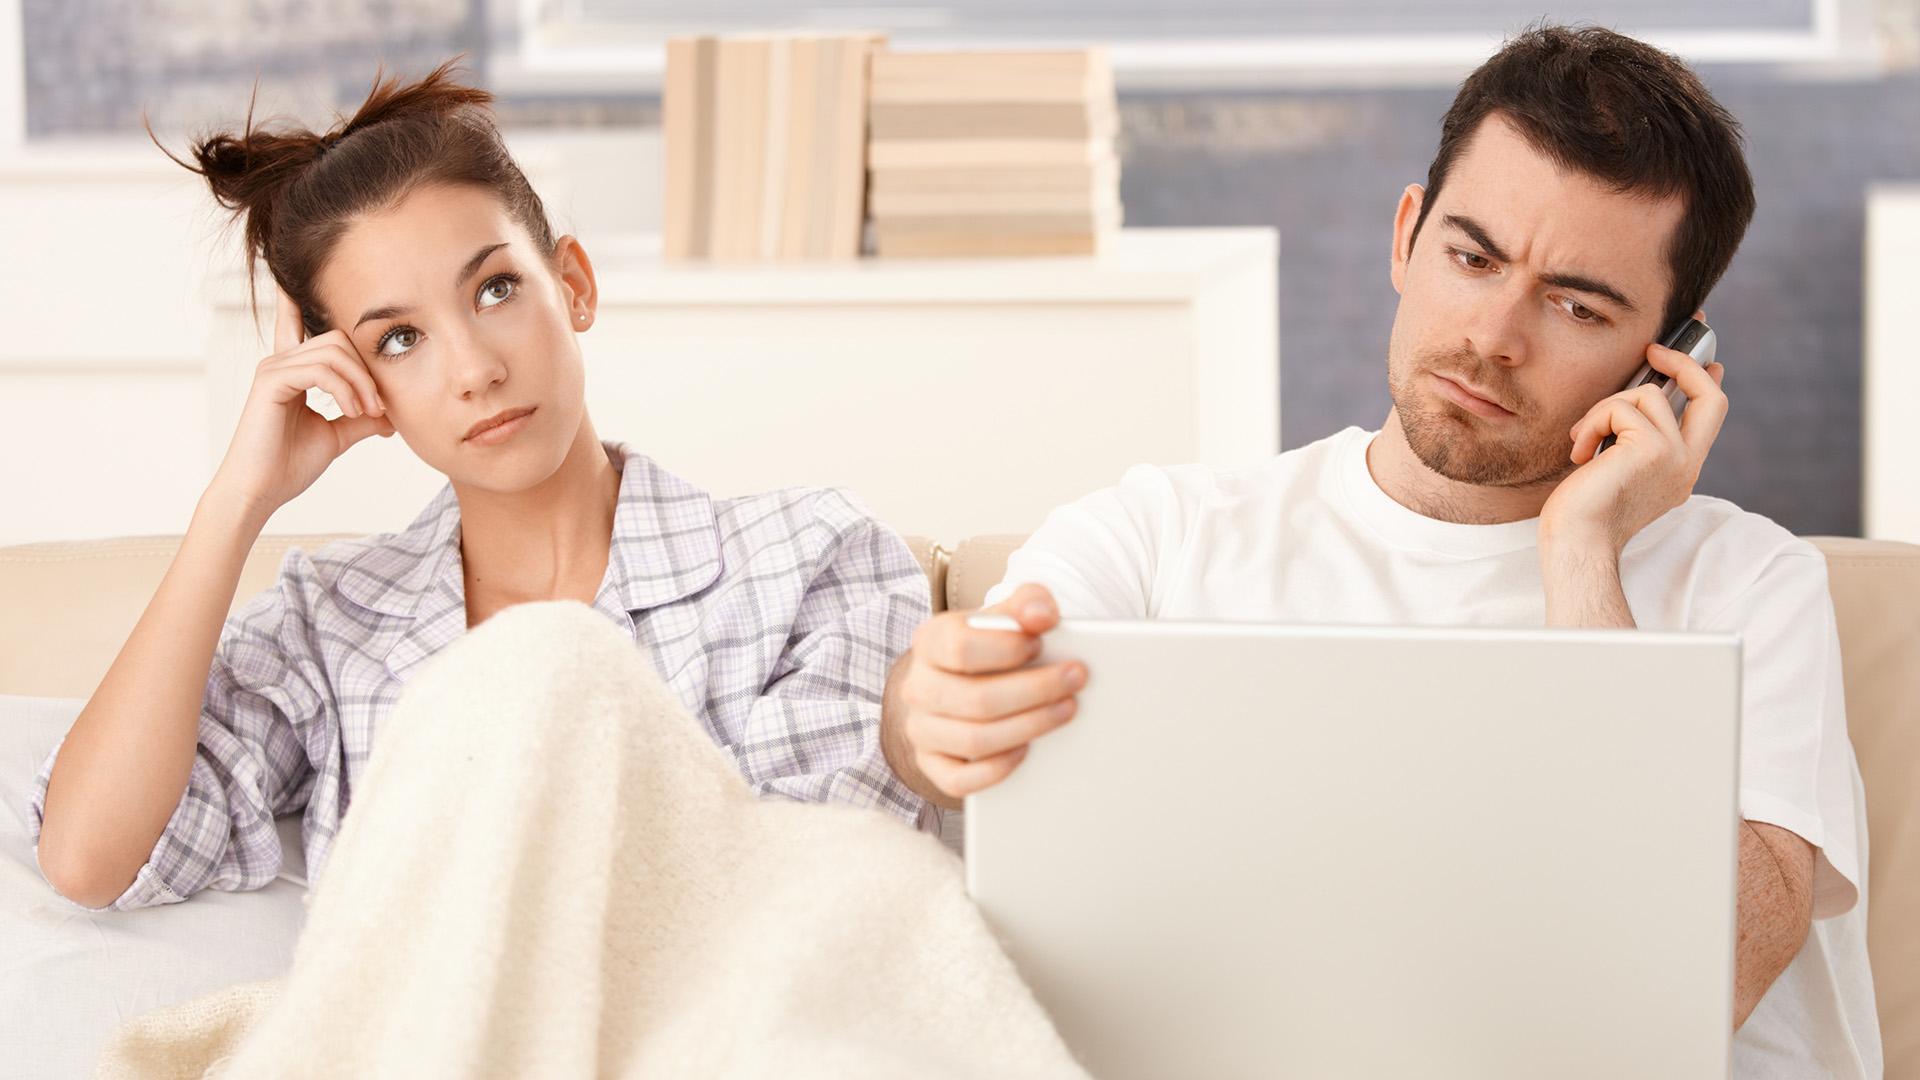 b. molnár márk elhanyagoltság félelem féltékenység konfliktusok makai gábor munka munkahely pszichoterapeuta szakpszichológus